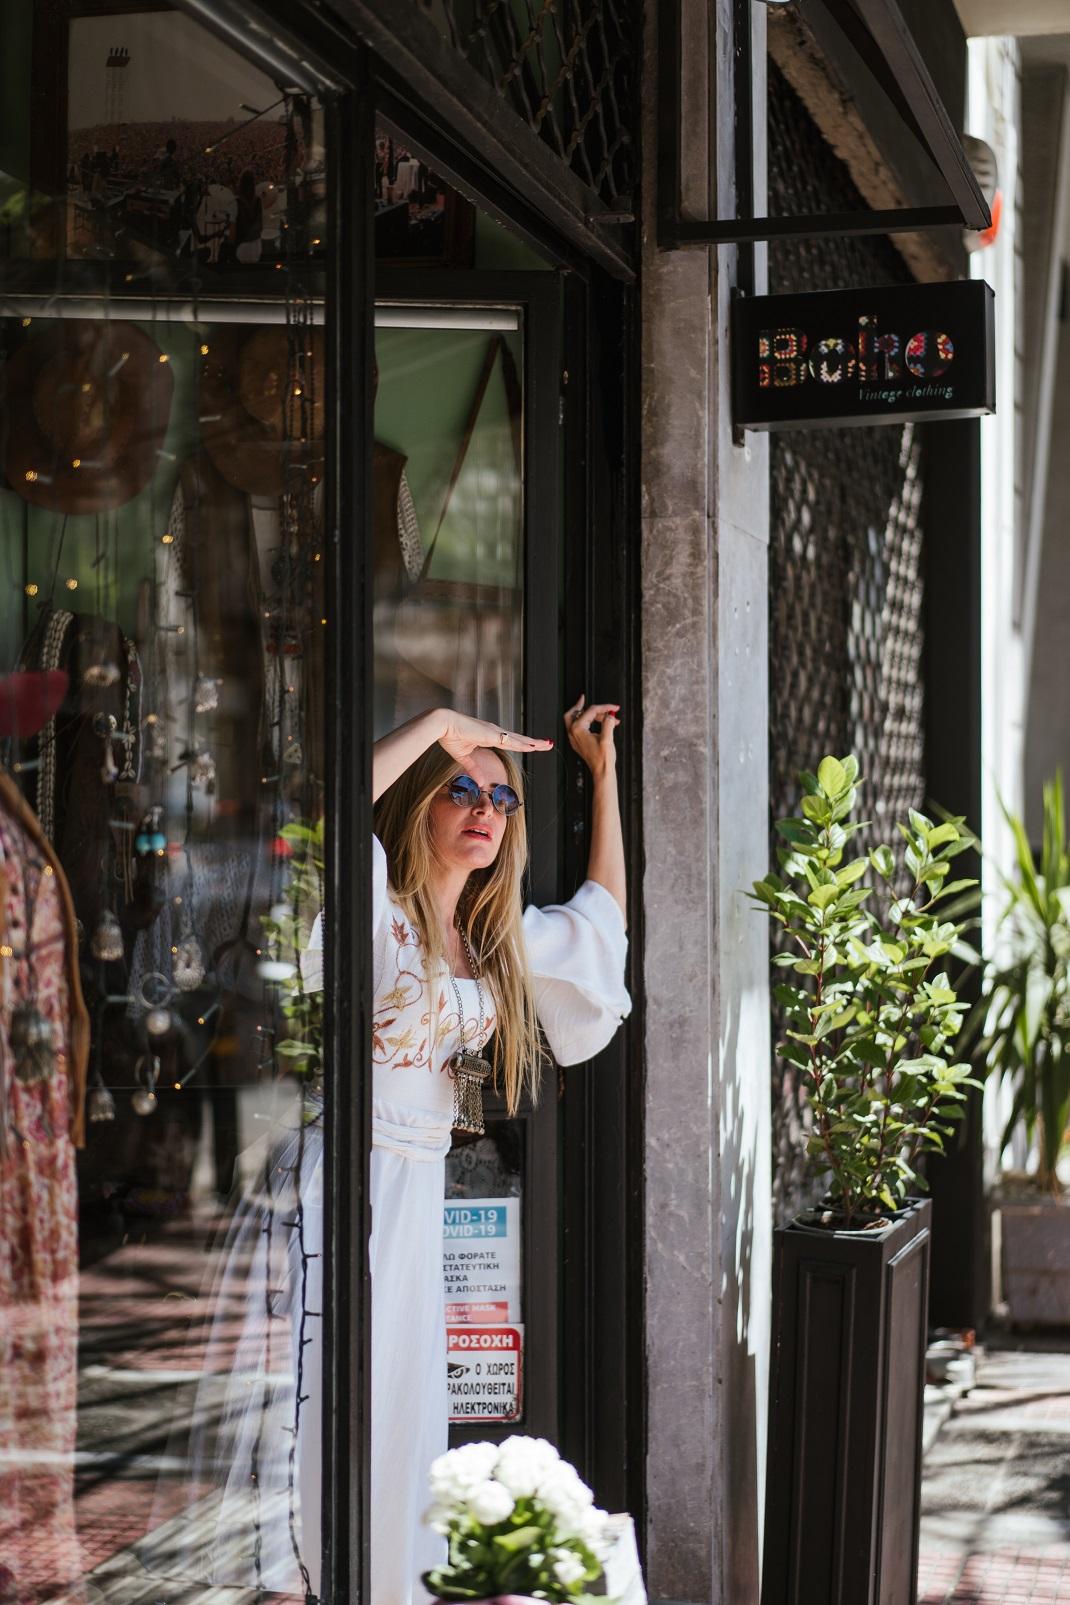 Η Τζούλη Αγοράκη με λευκό boho φόρεμα στο μαγαζί.